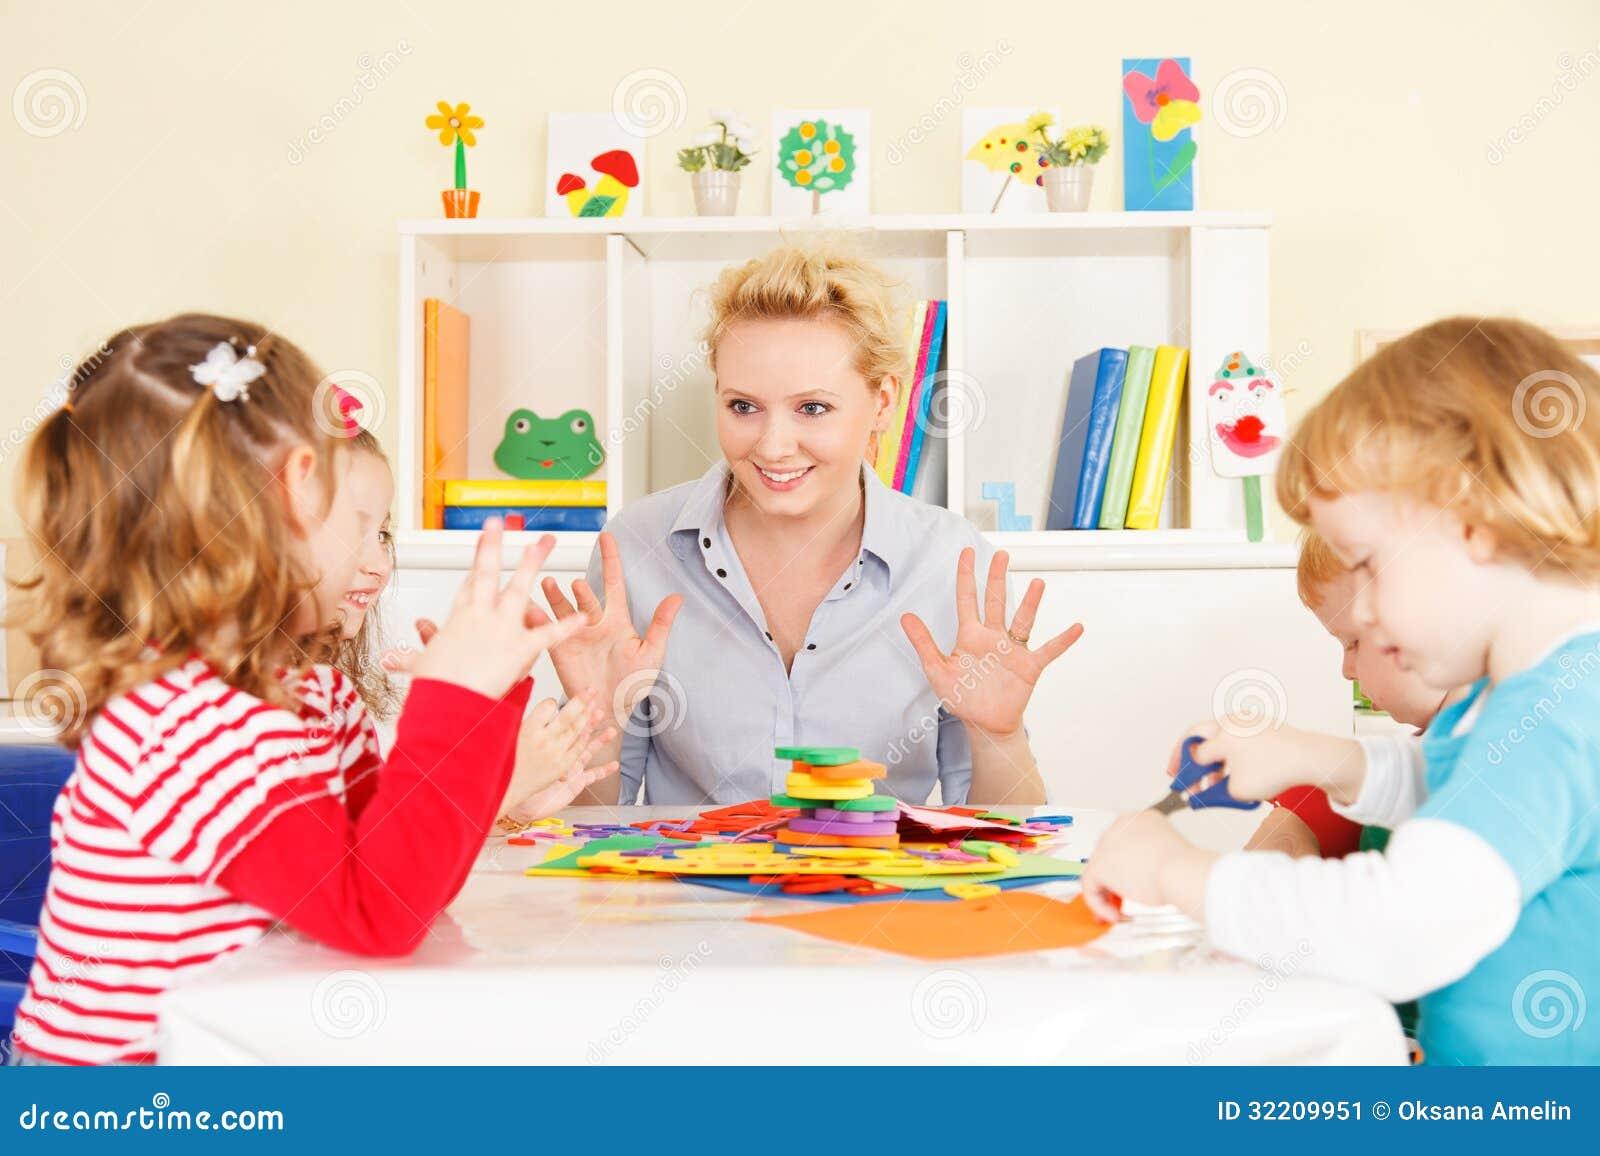 Lärare som talar med barn.